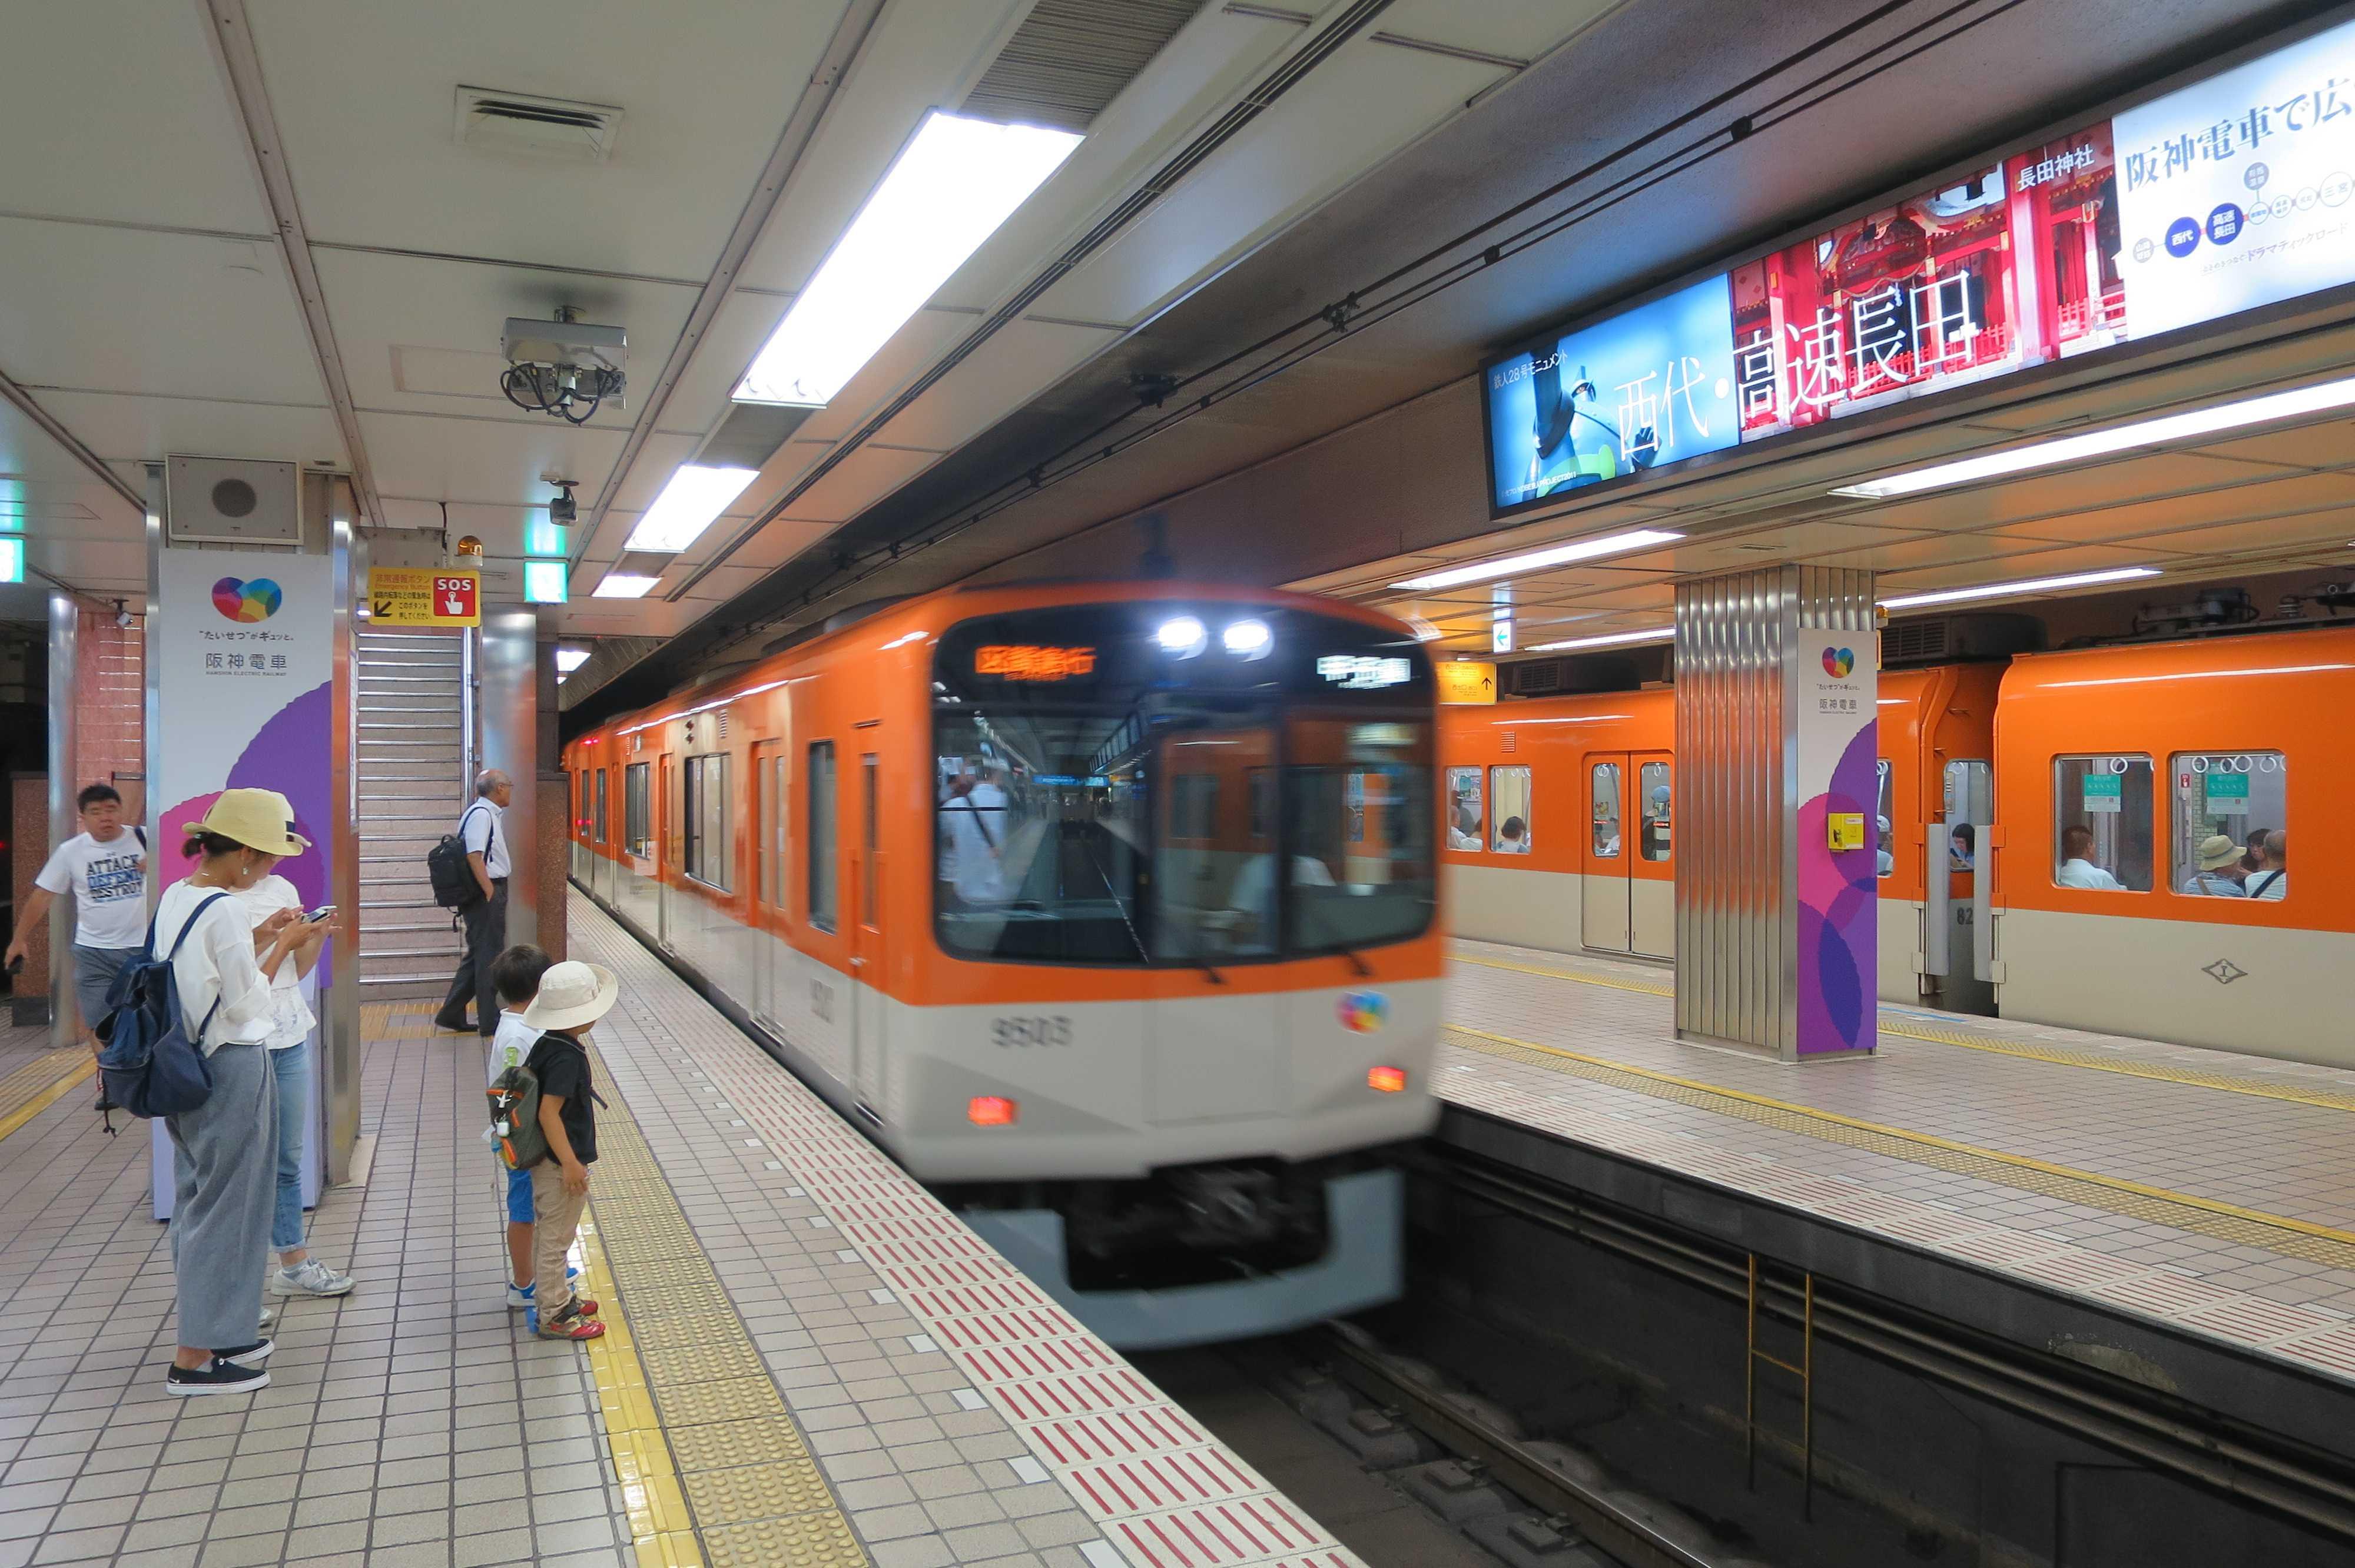 阪神電車 区間急行 梅田発甲子園行き